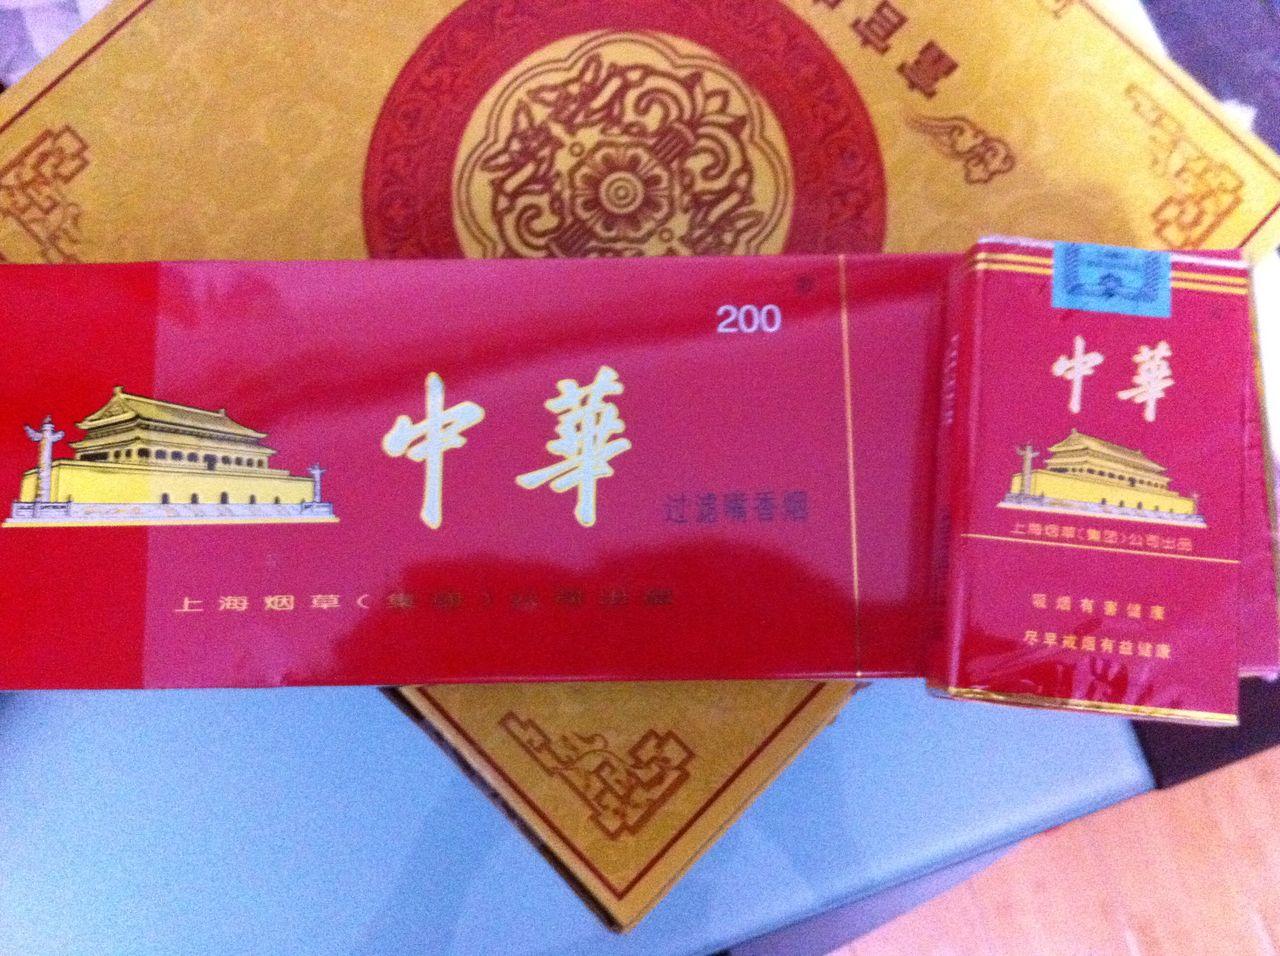 中华1951多少钱一包_谁给看看这种中华香烟 多少钱一包 ?没有看见条形码啊